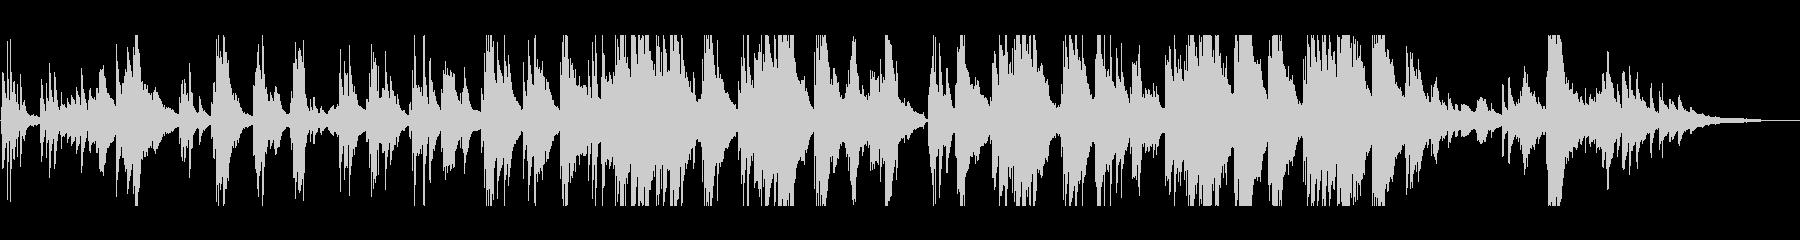 泣ける・感動的な ピアノソロの未再生の波形